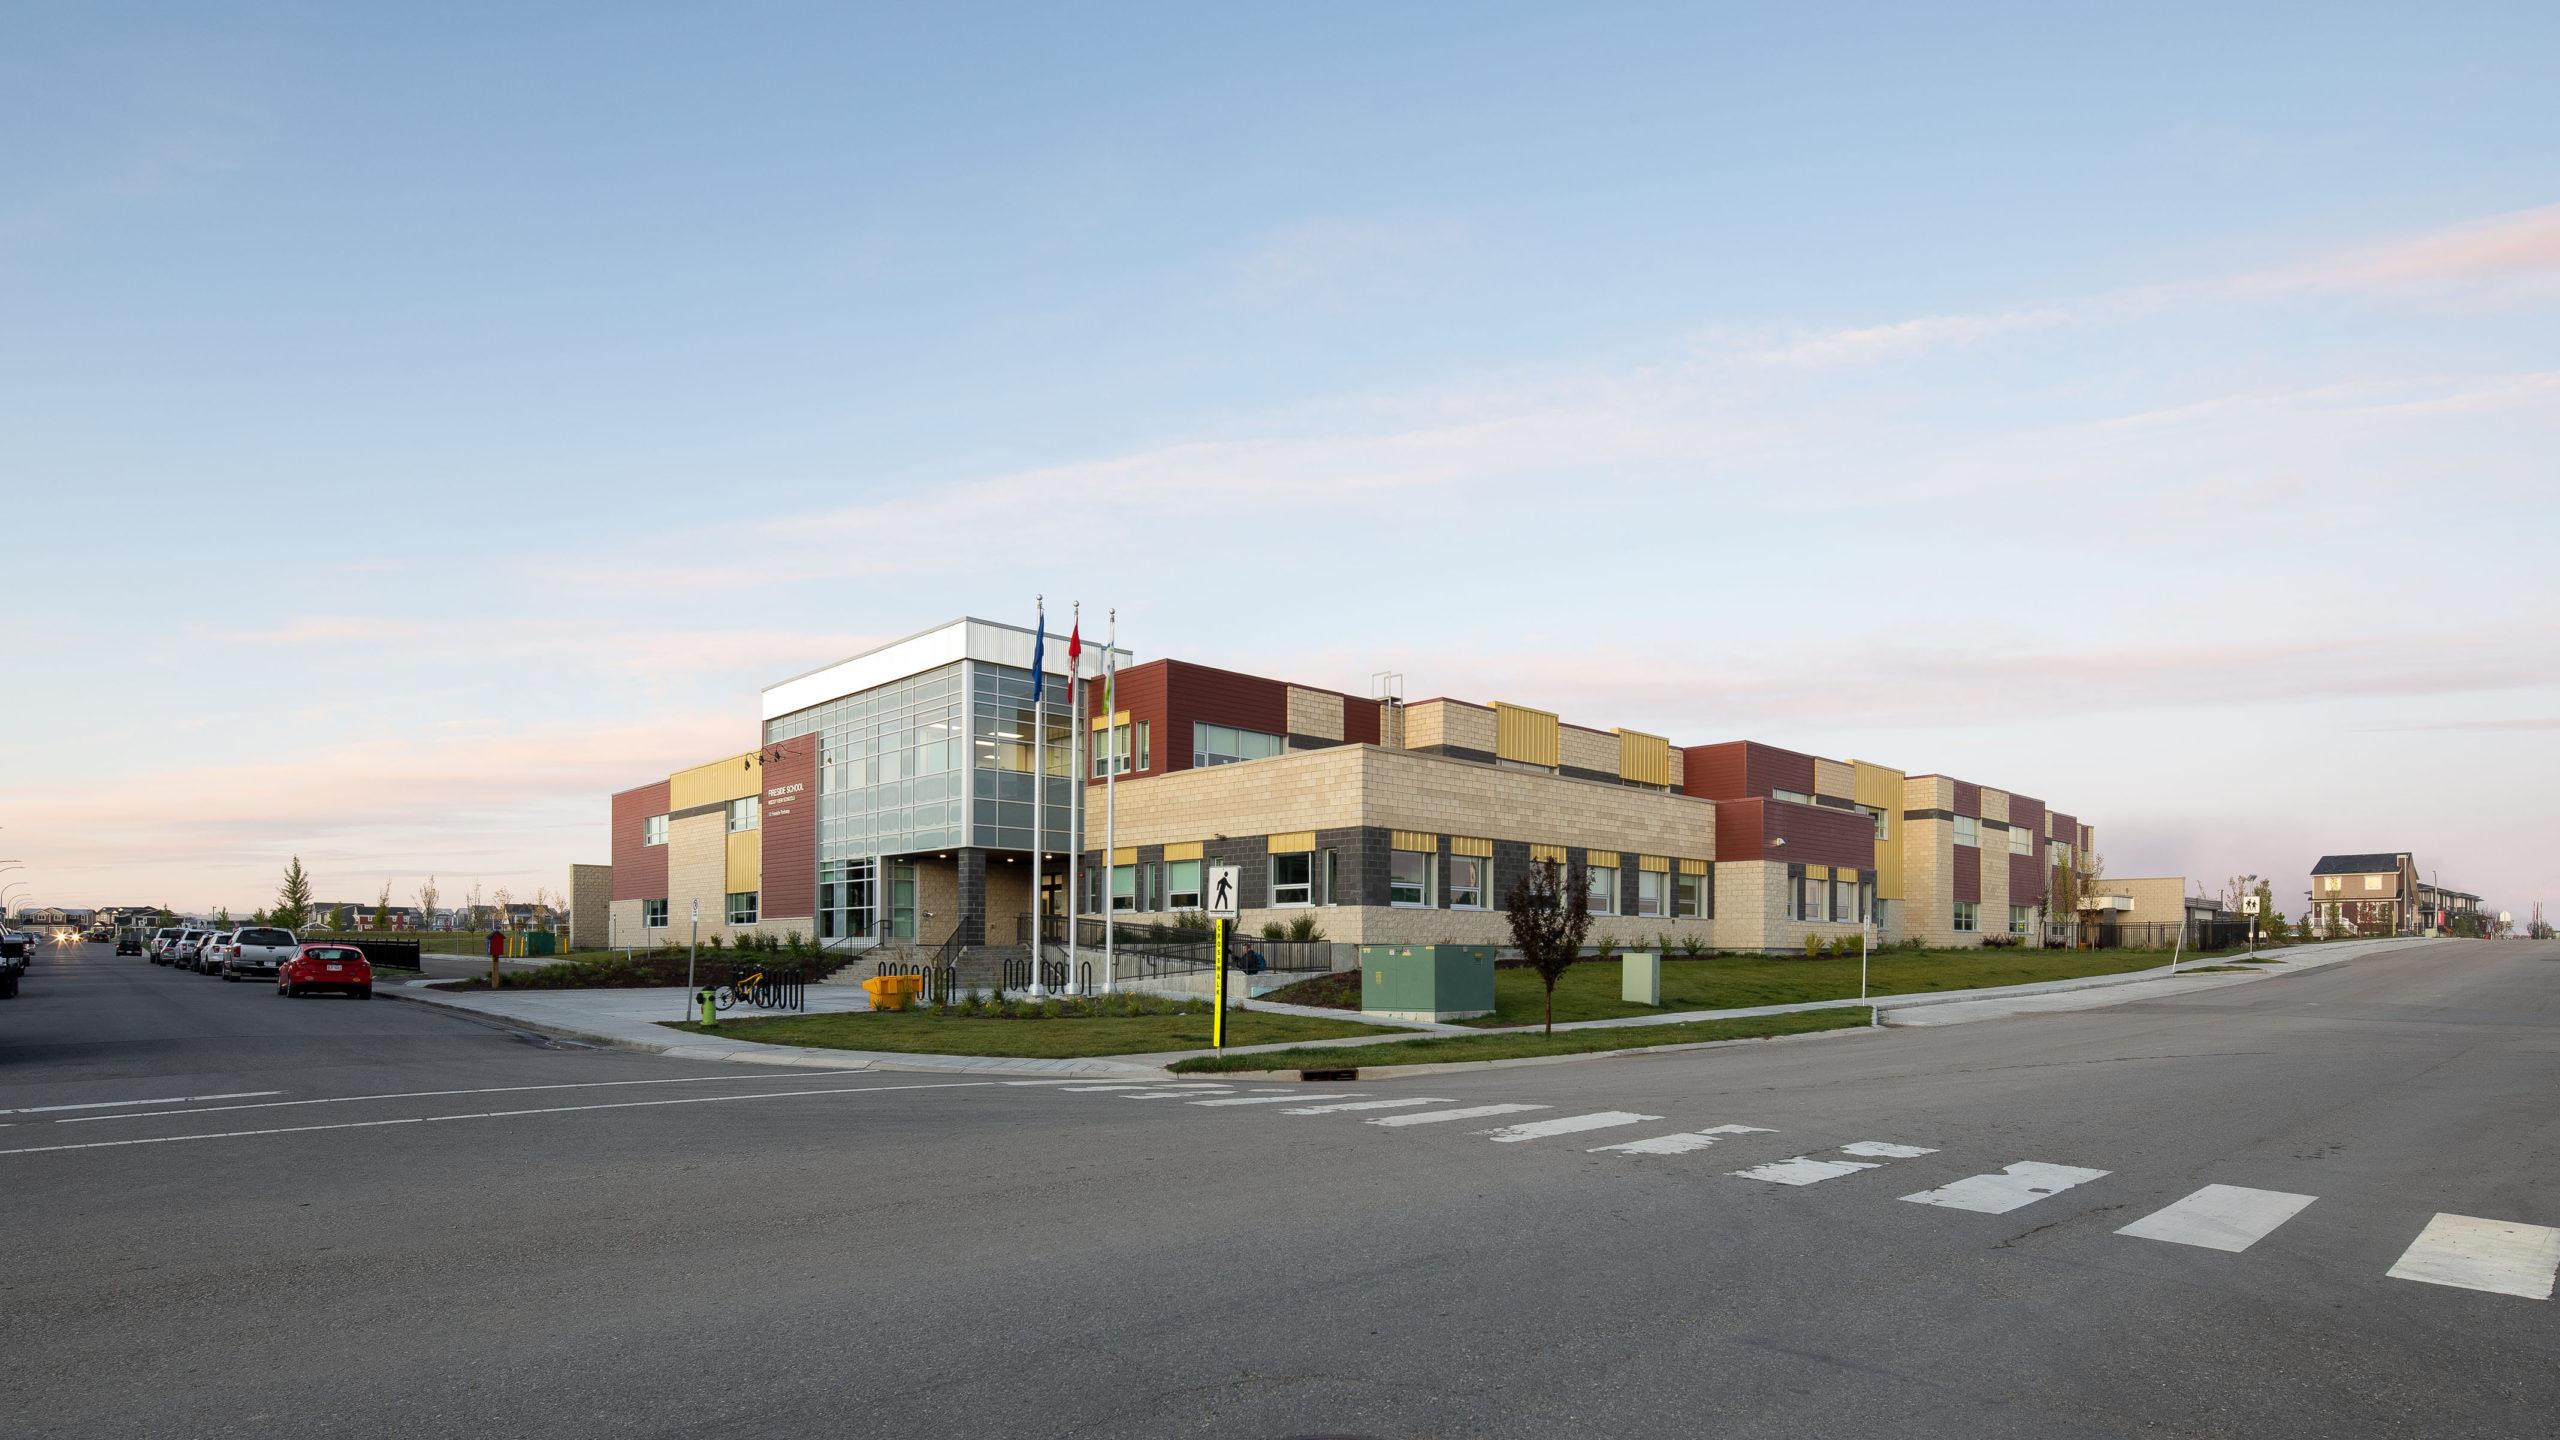 FIRESIDE SCHOOL